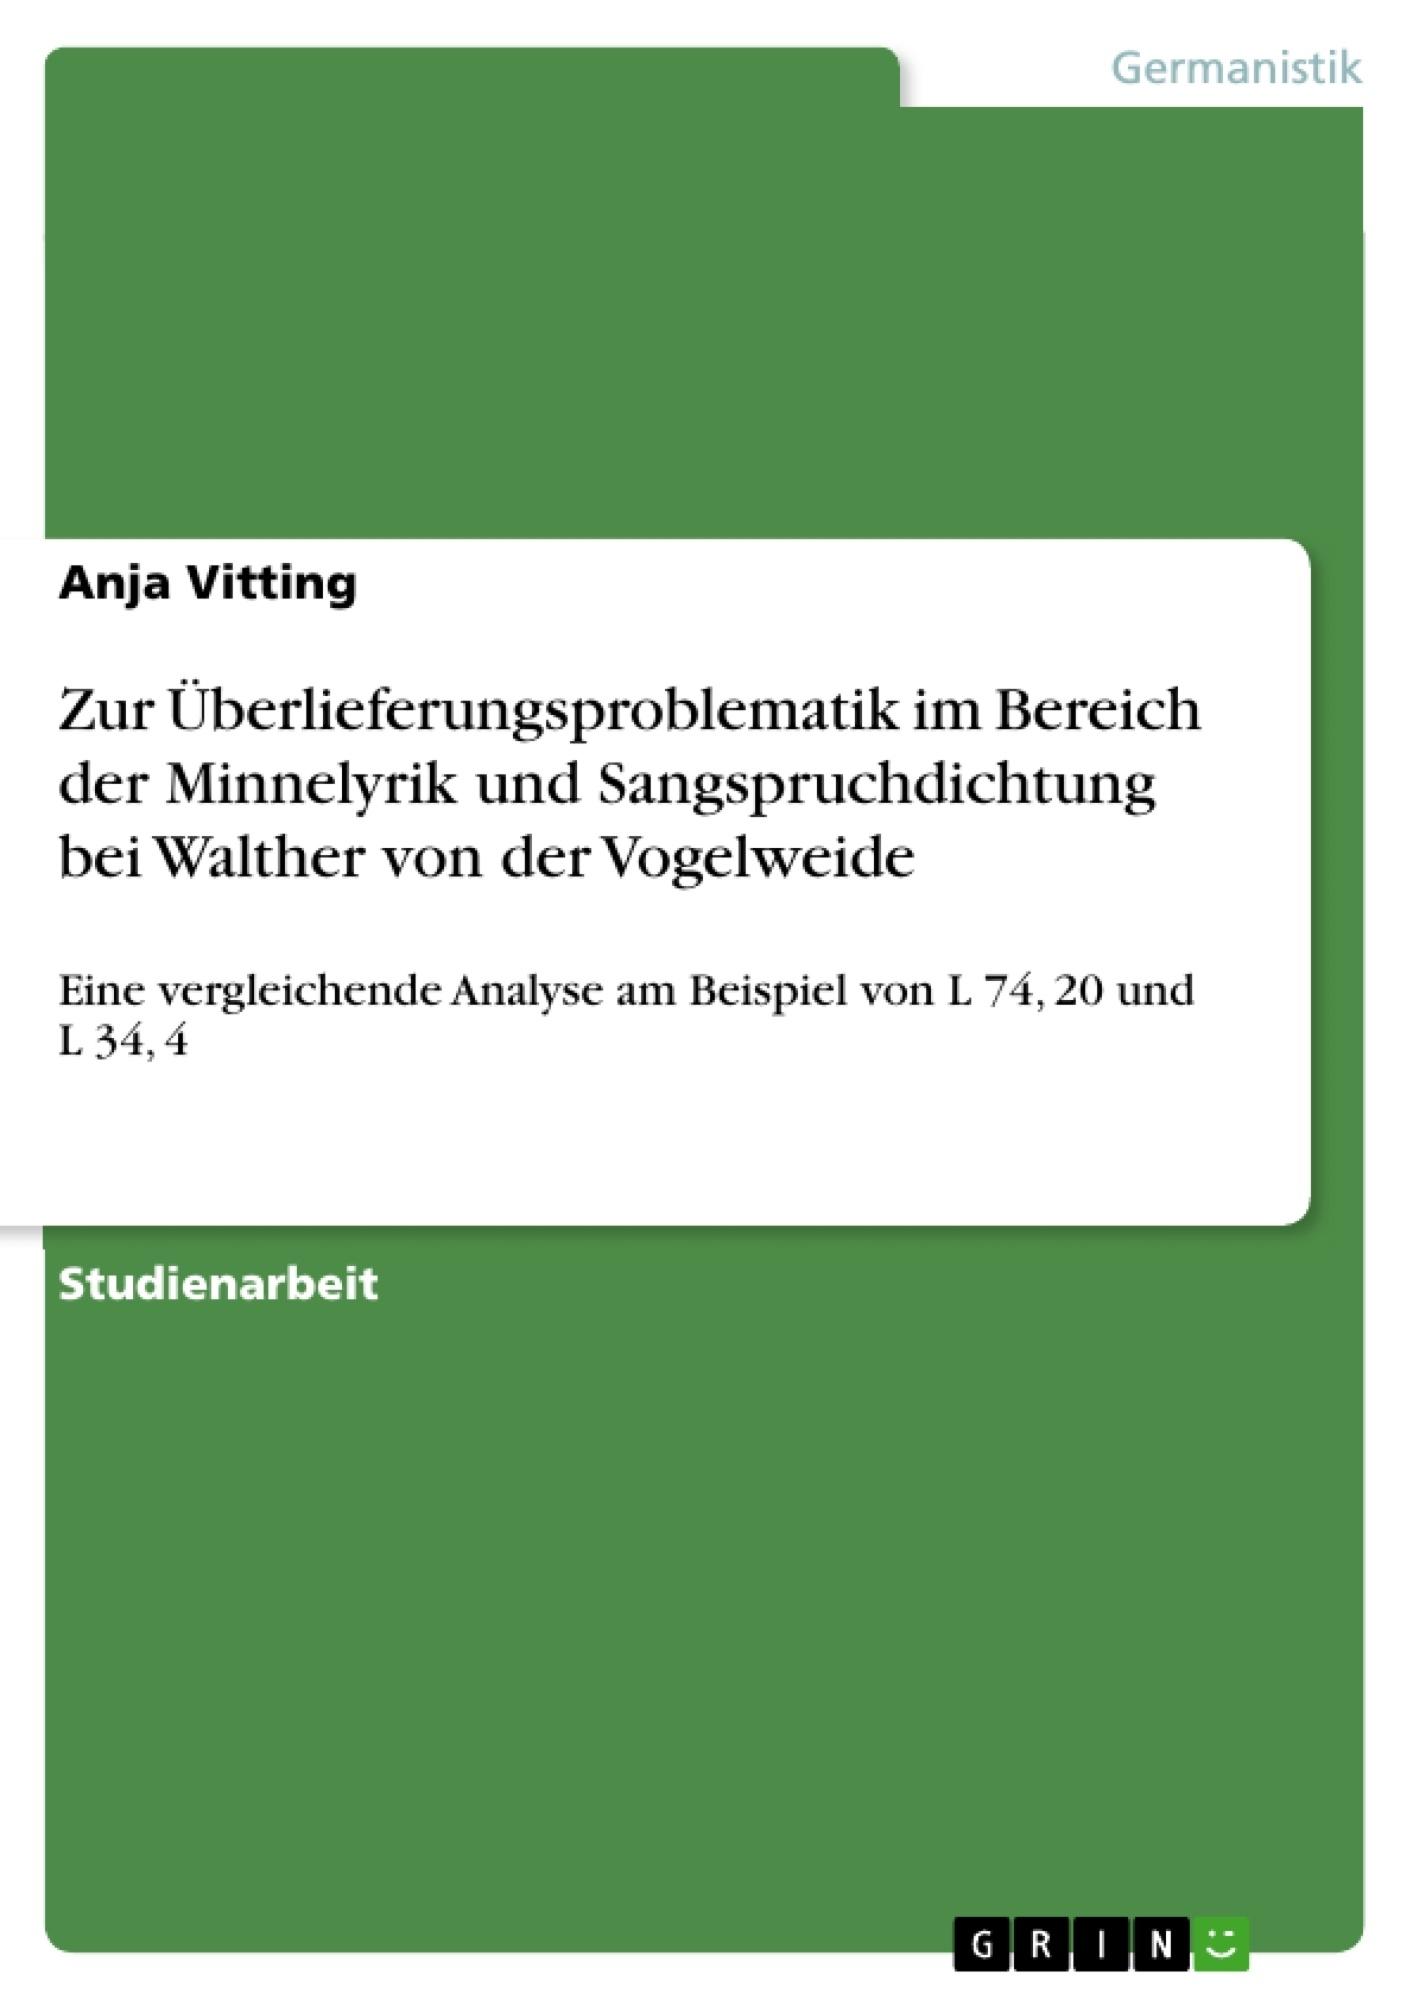 Titel: Zur Überlieferungsproblematik im Bereich der Minnelyrik und Sangspruchdichtung bei Walther von der Vogelweide